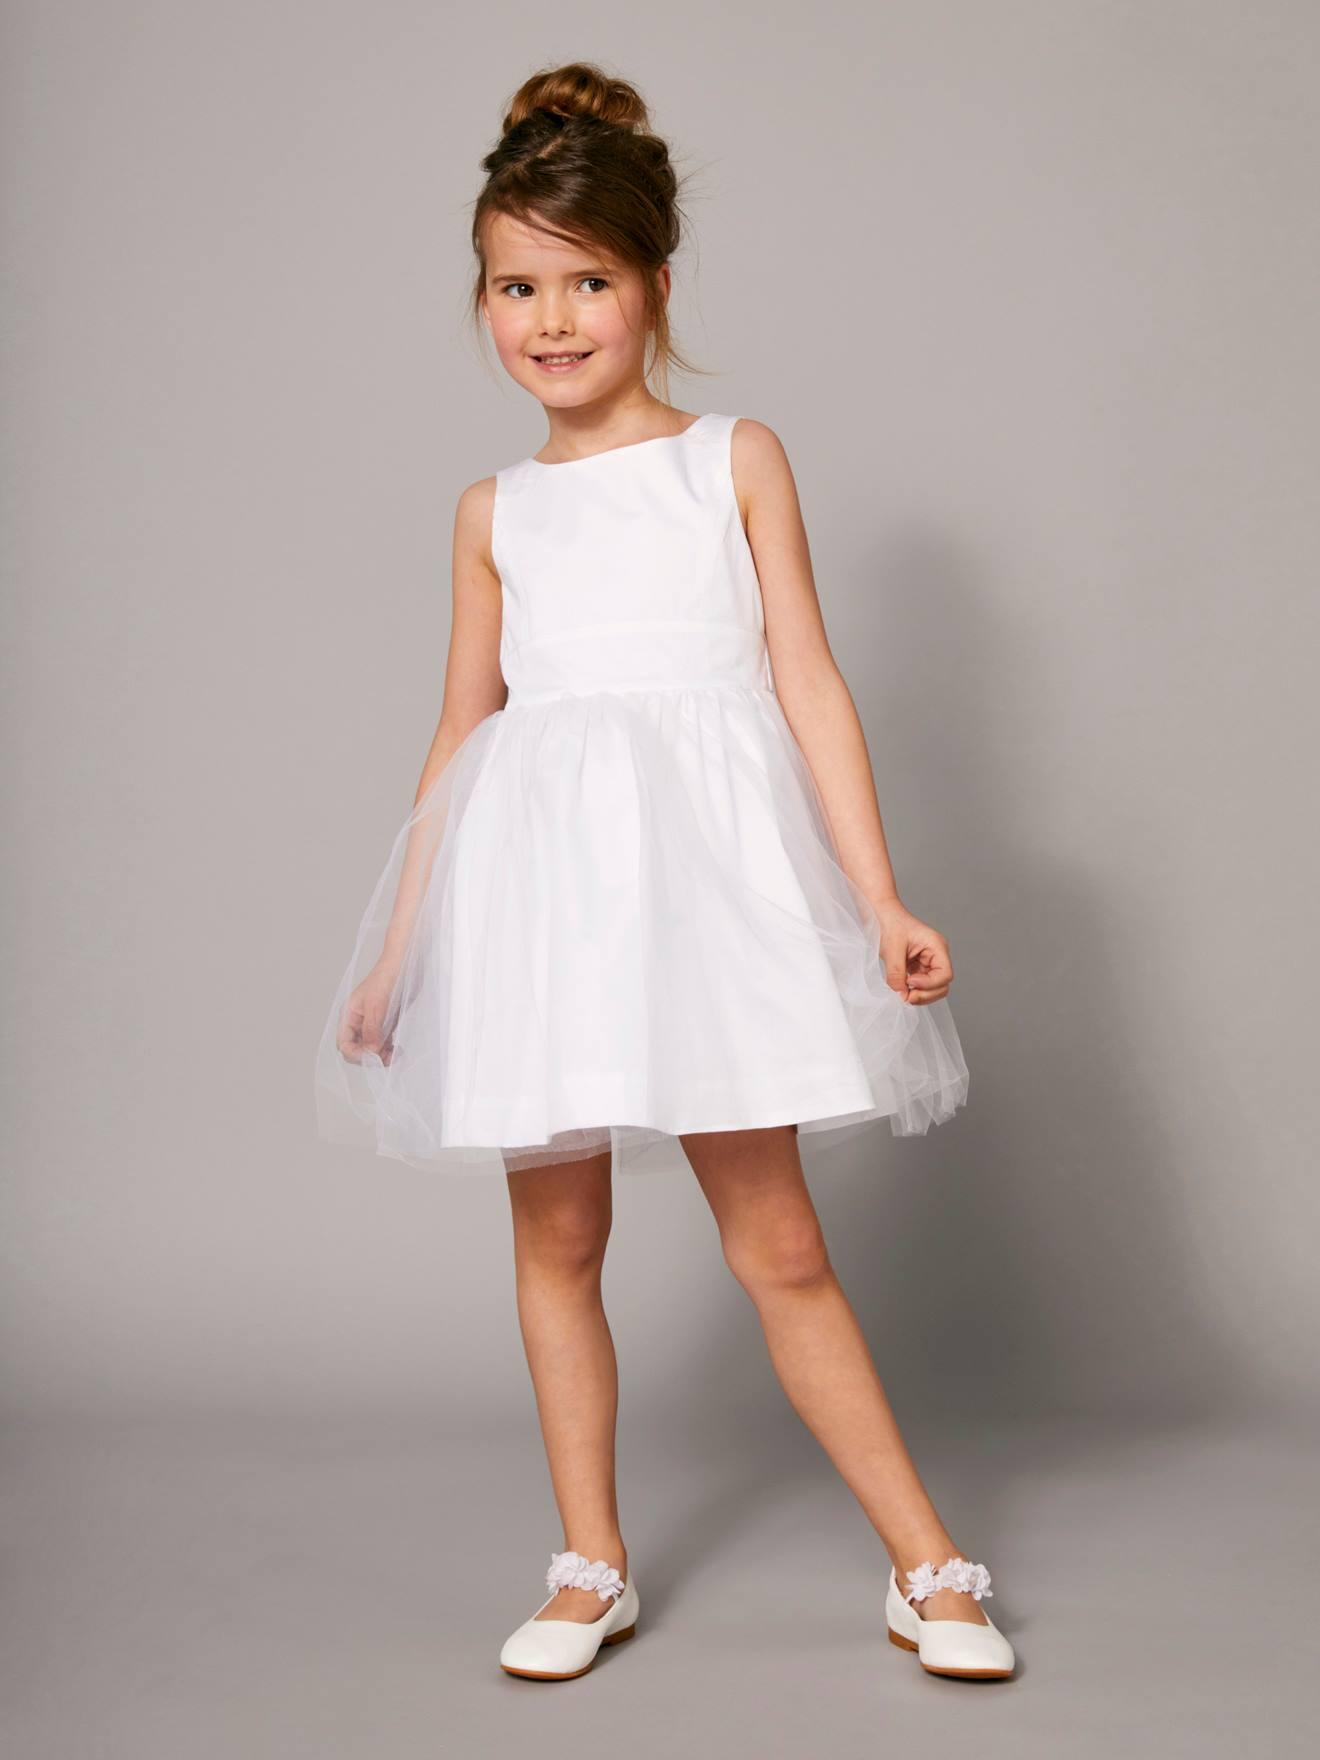 Kleid einschulung kaufen